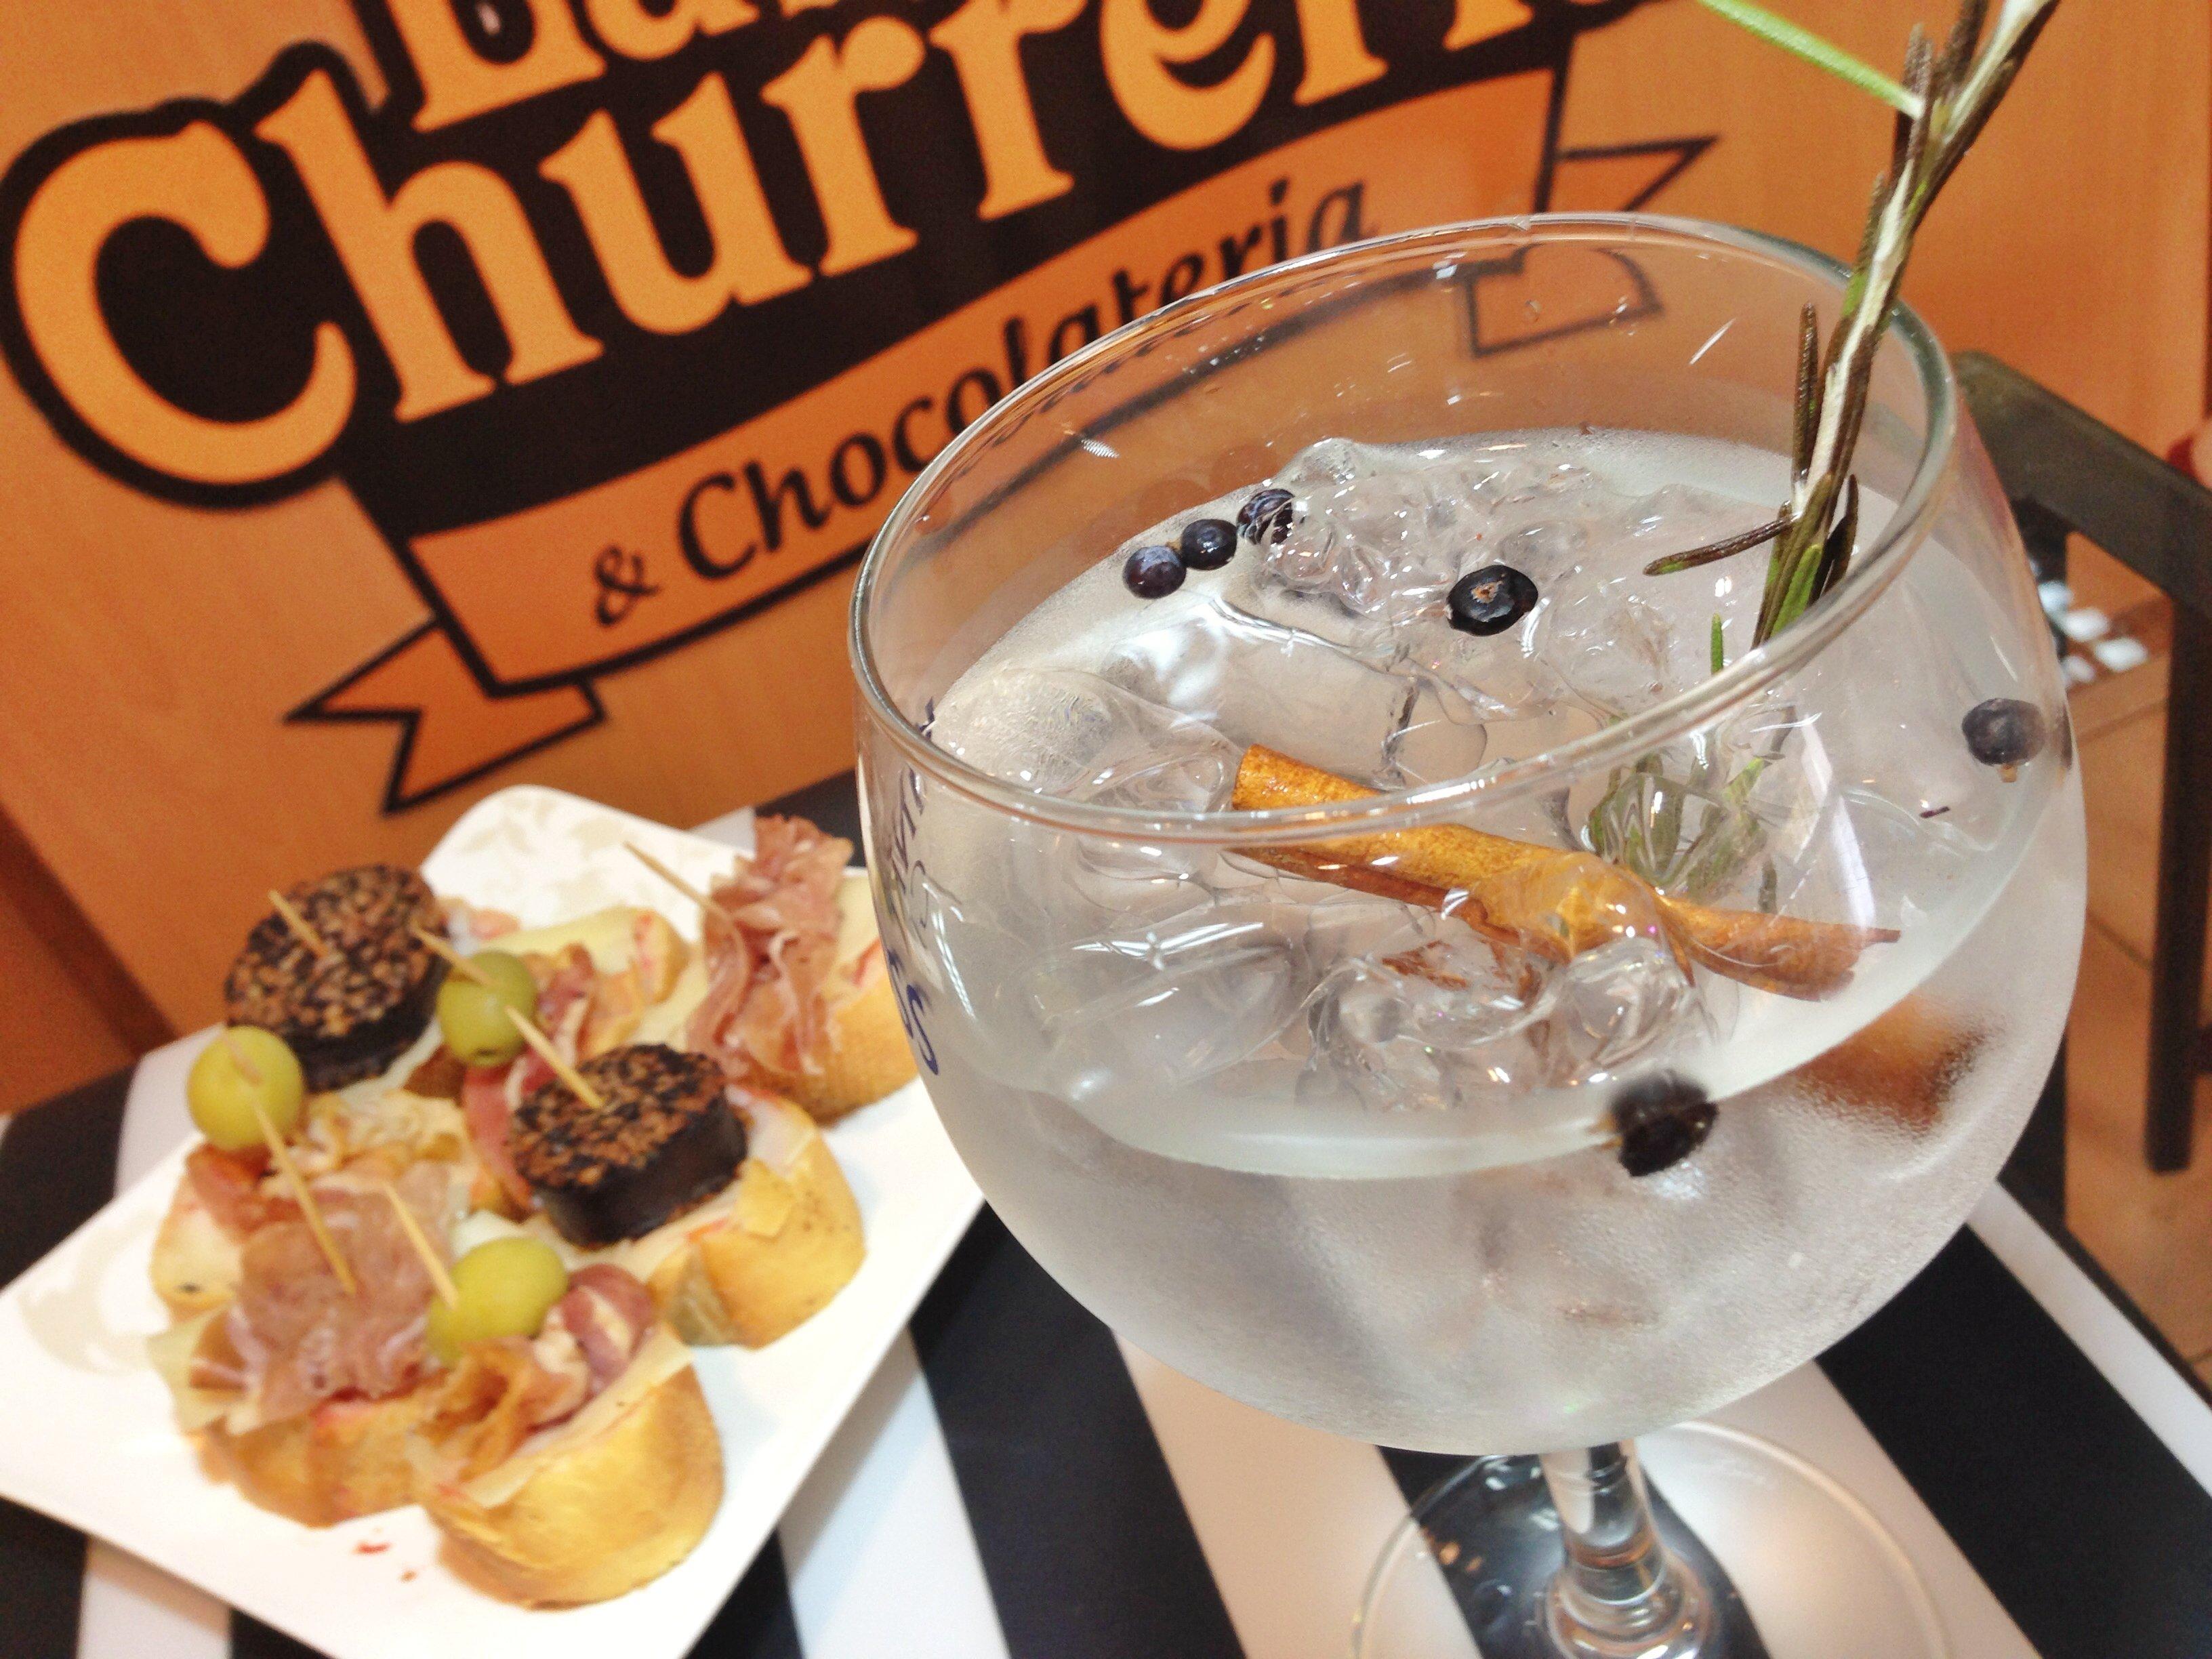 Gin Tonic acompañados de tapas varias. Disponible todo el día.